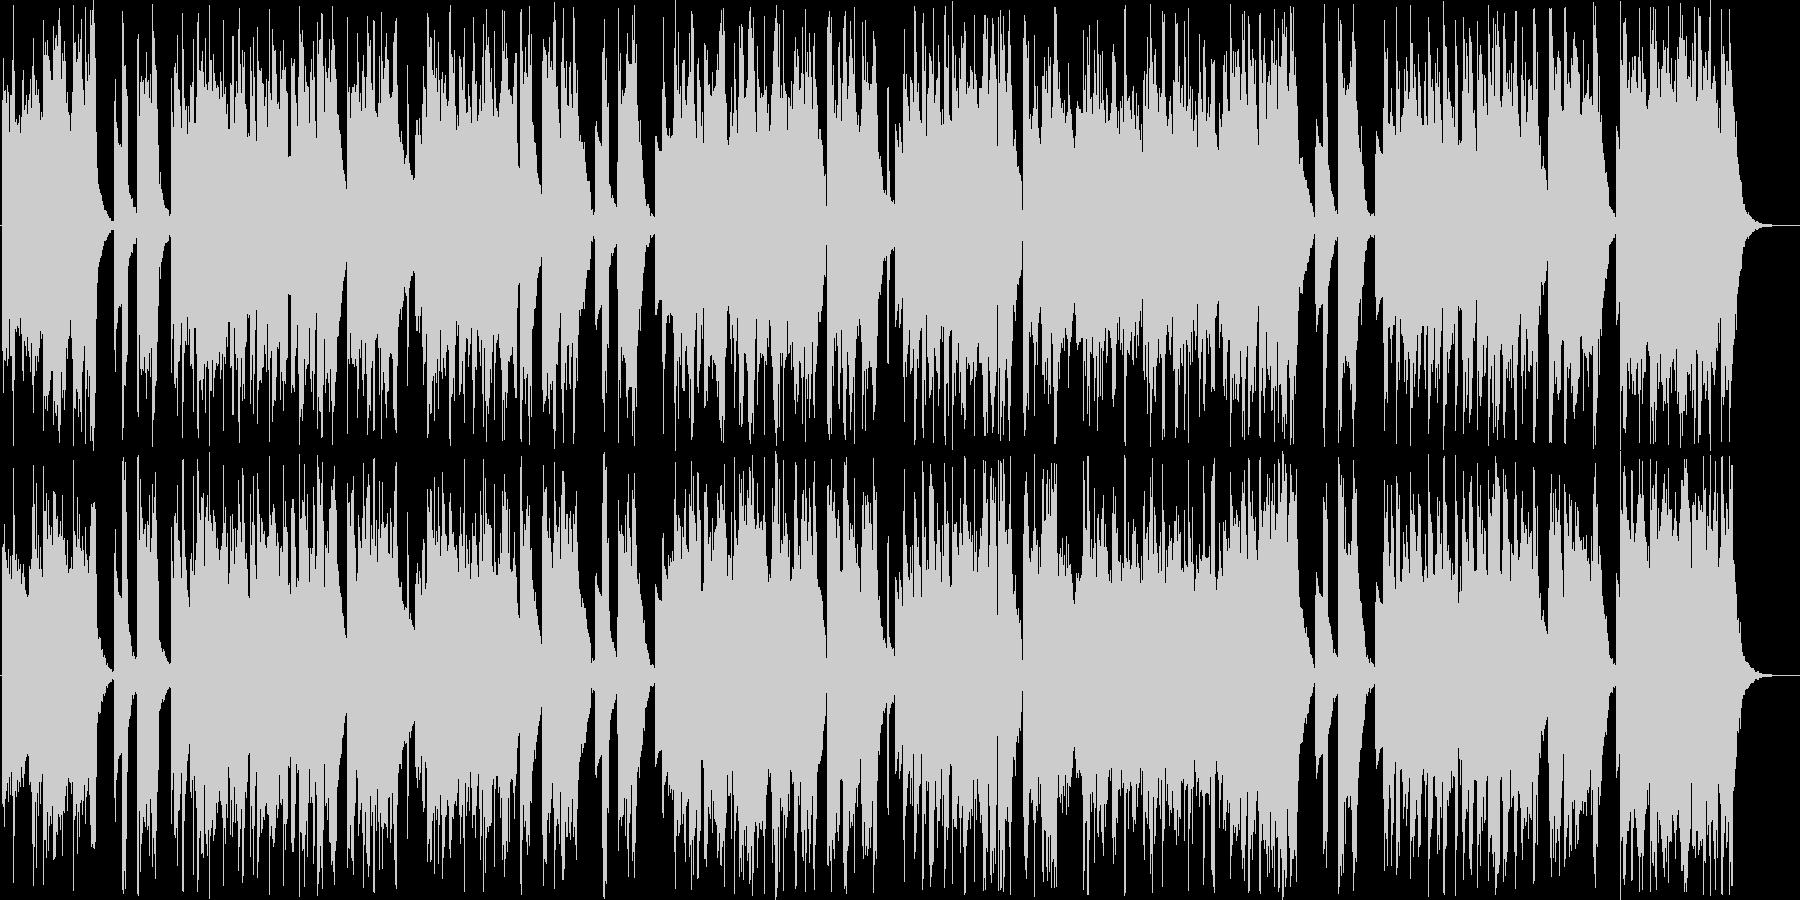 ムードあるインフォメーションミュージックの未再生の波形